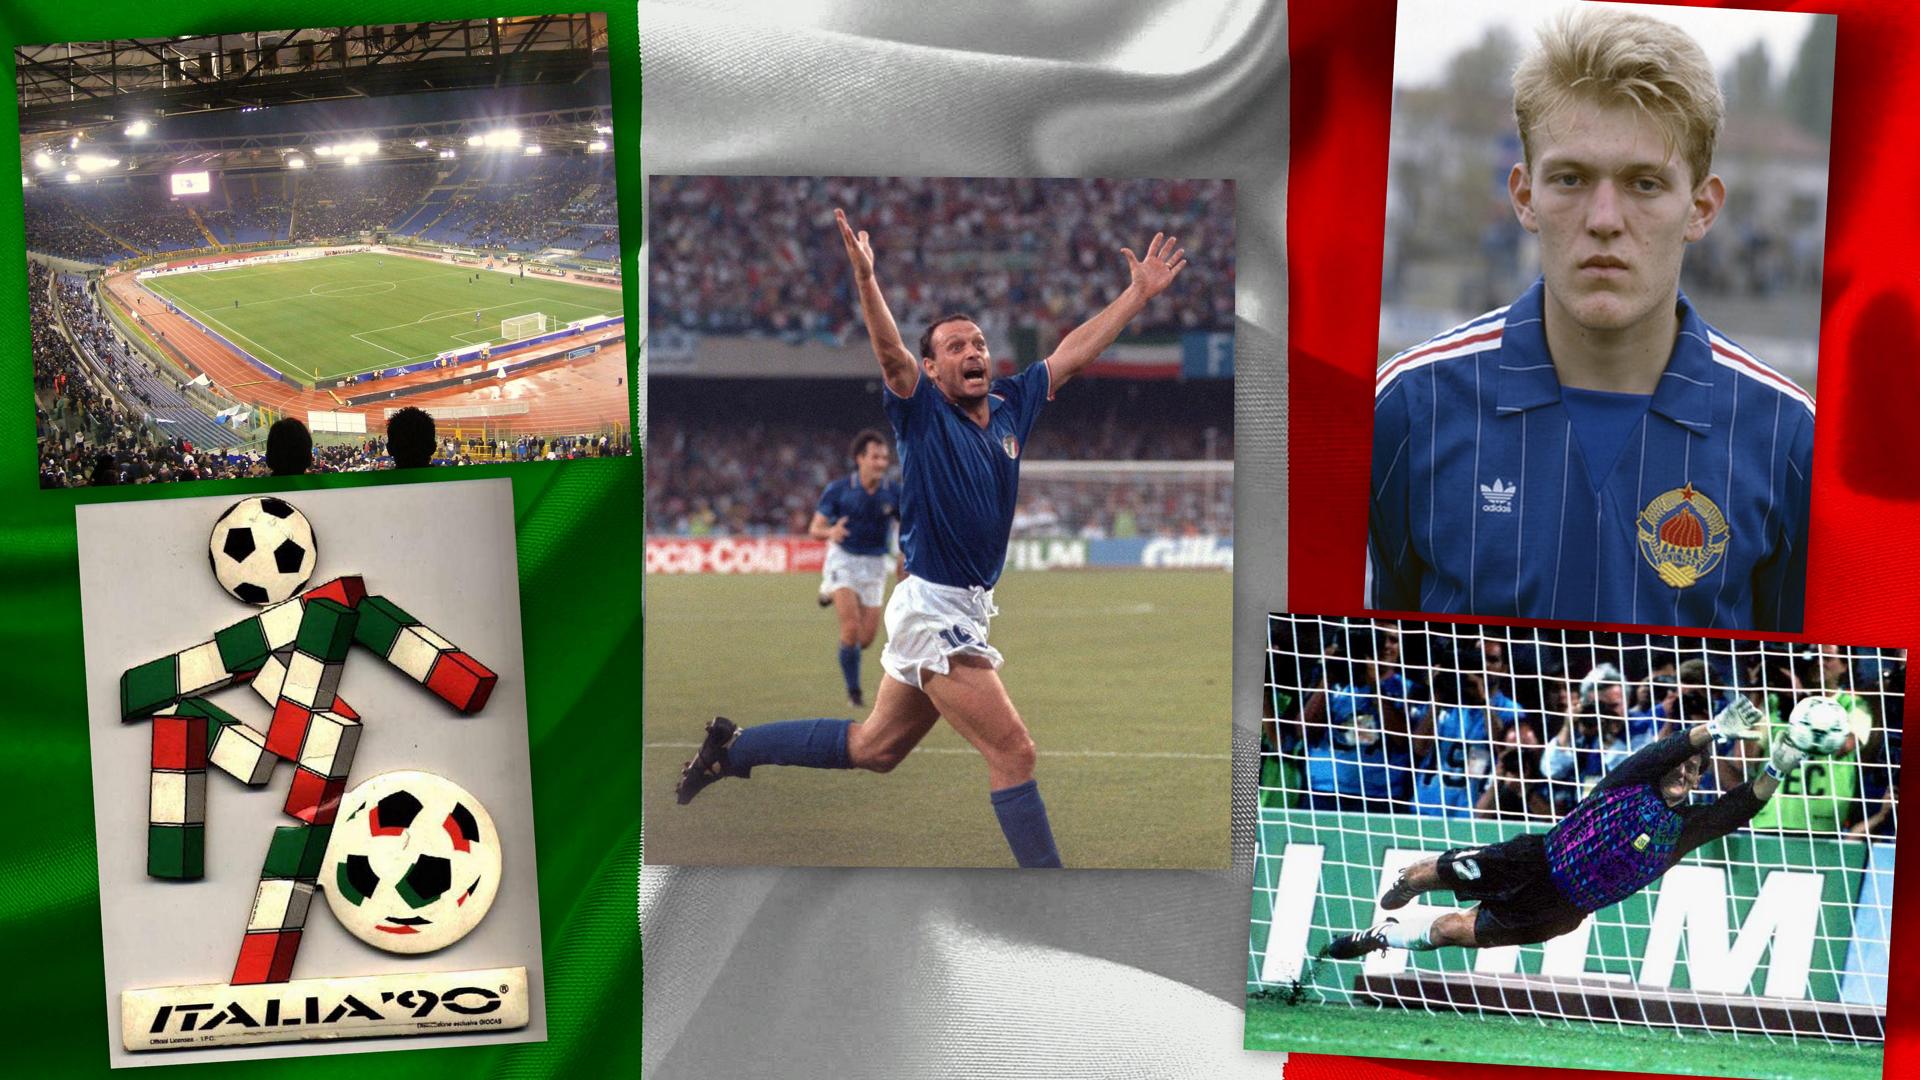 Архив чемпиоата испании по футболу 1990